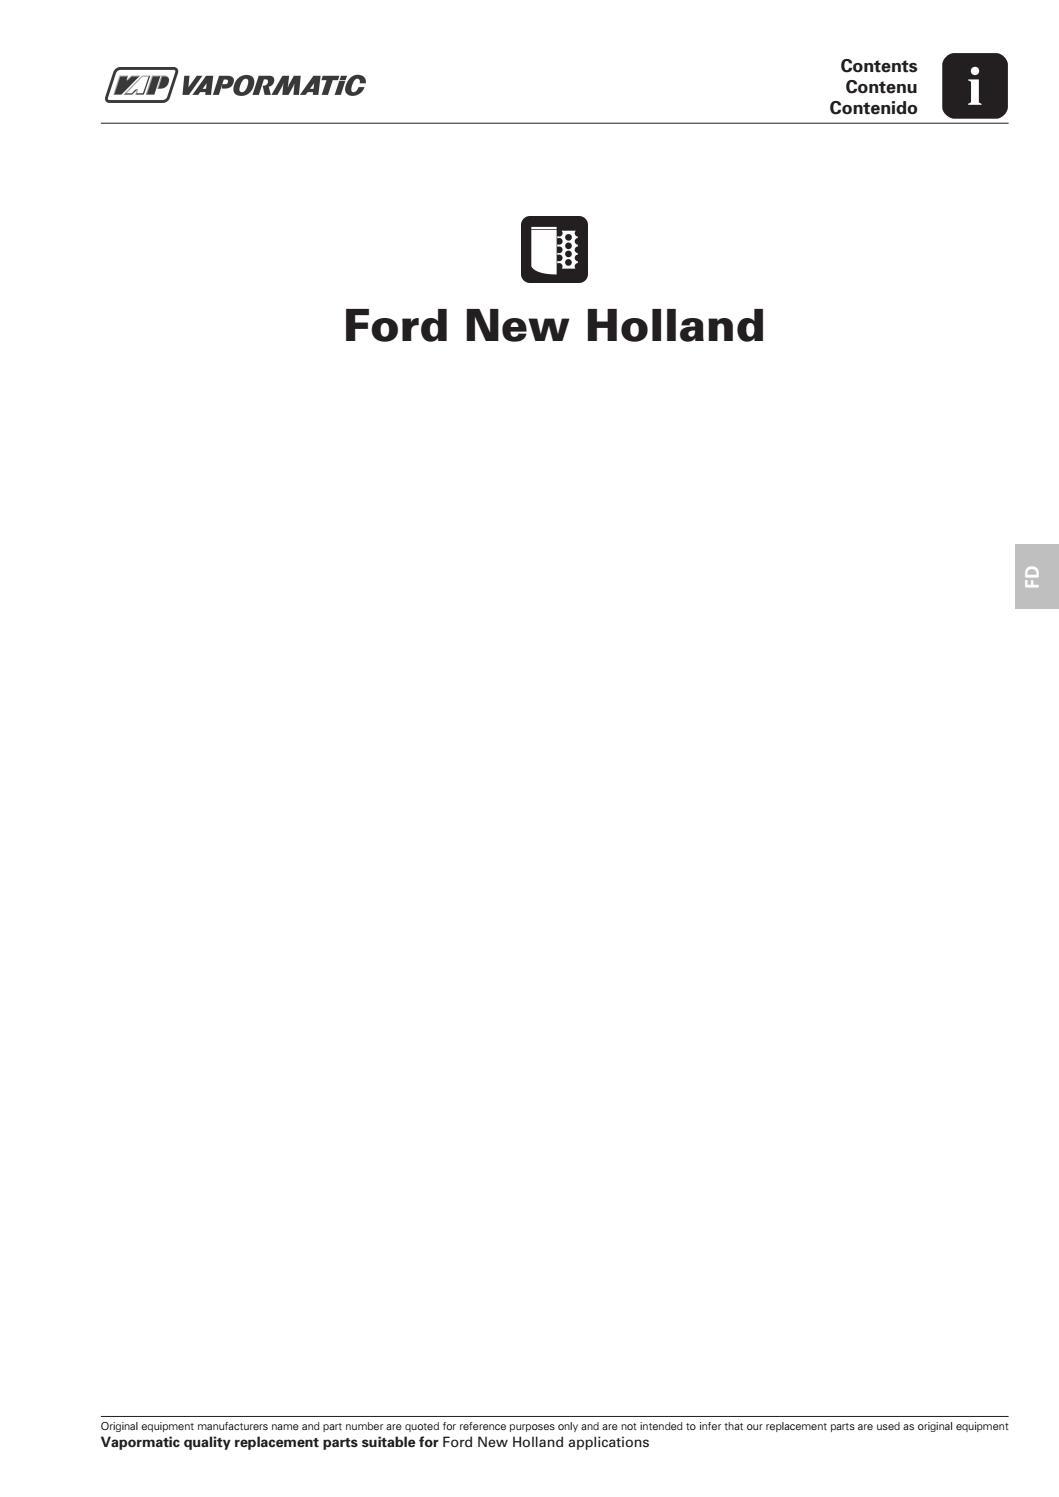 Interno Filtro de aire se ajusta Ford 8630 tractores de TW15 TW20.